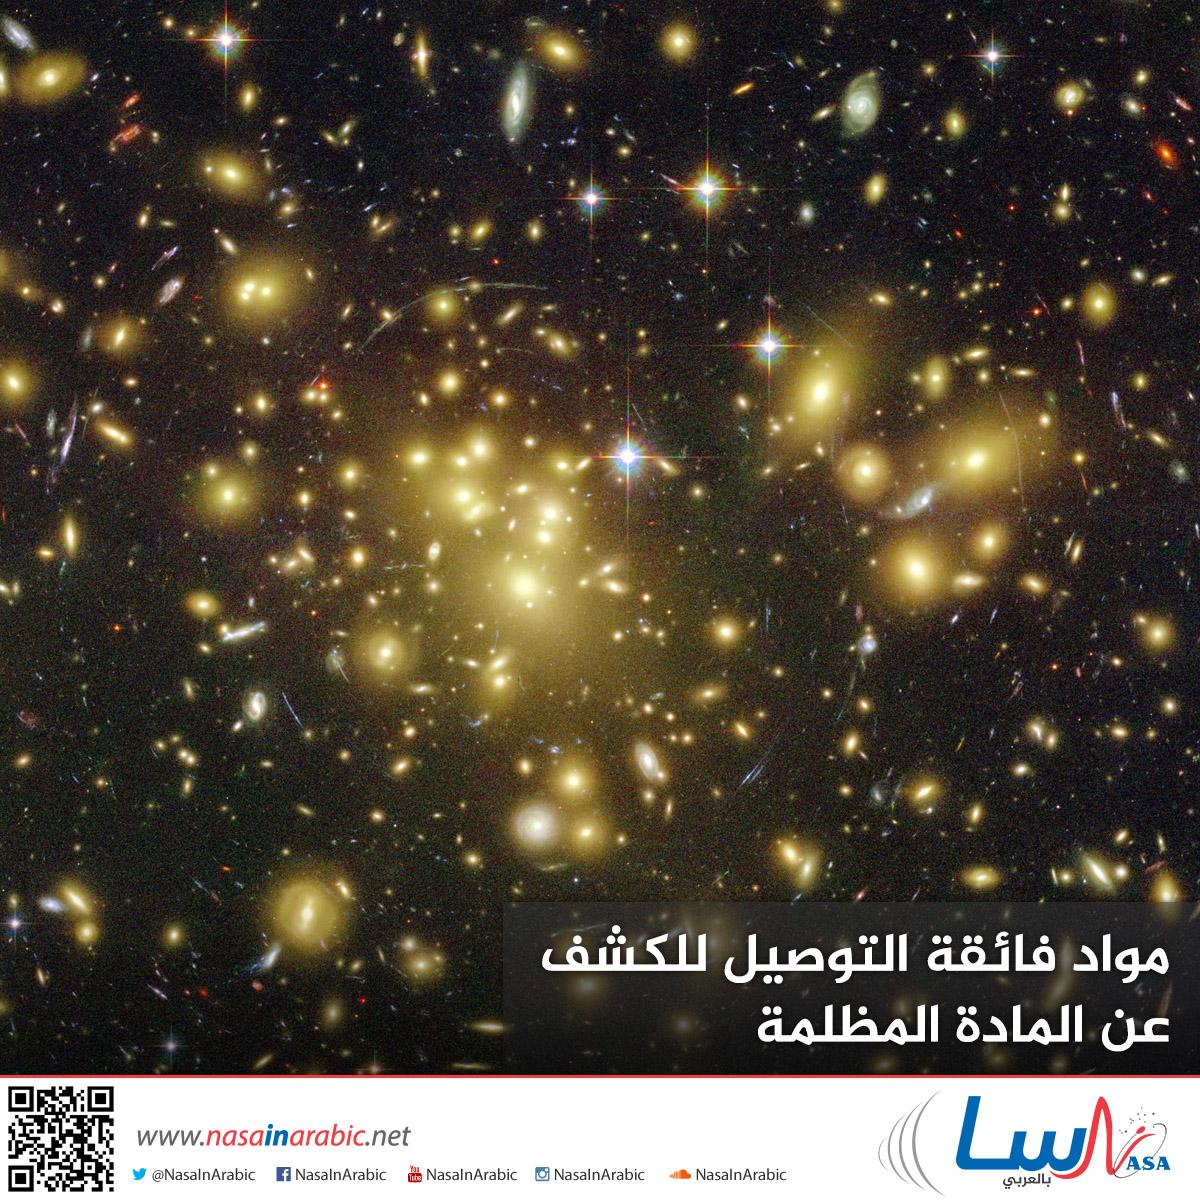 مواد فائقة التوصيل للكشف عن المادة المظلمة